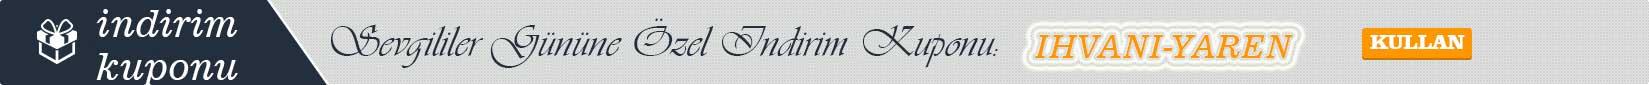 indirim banner